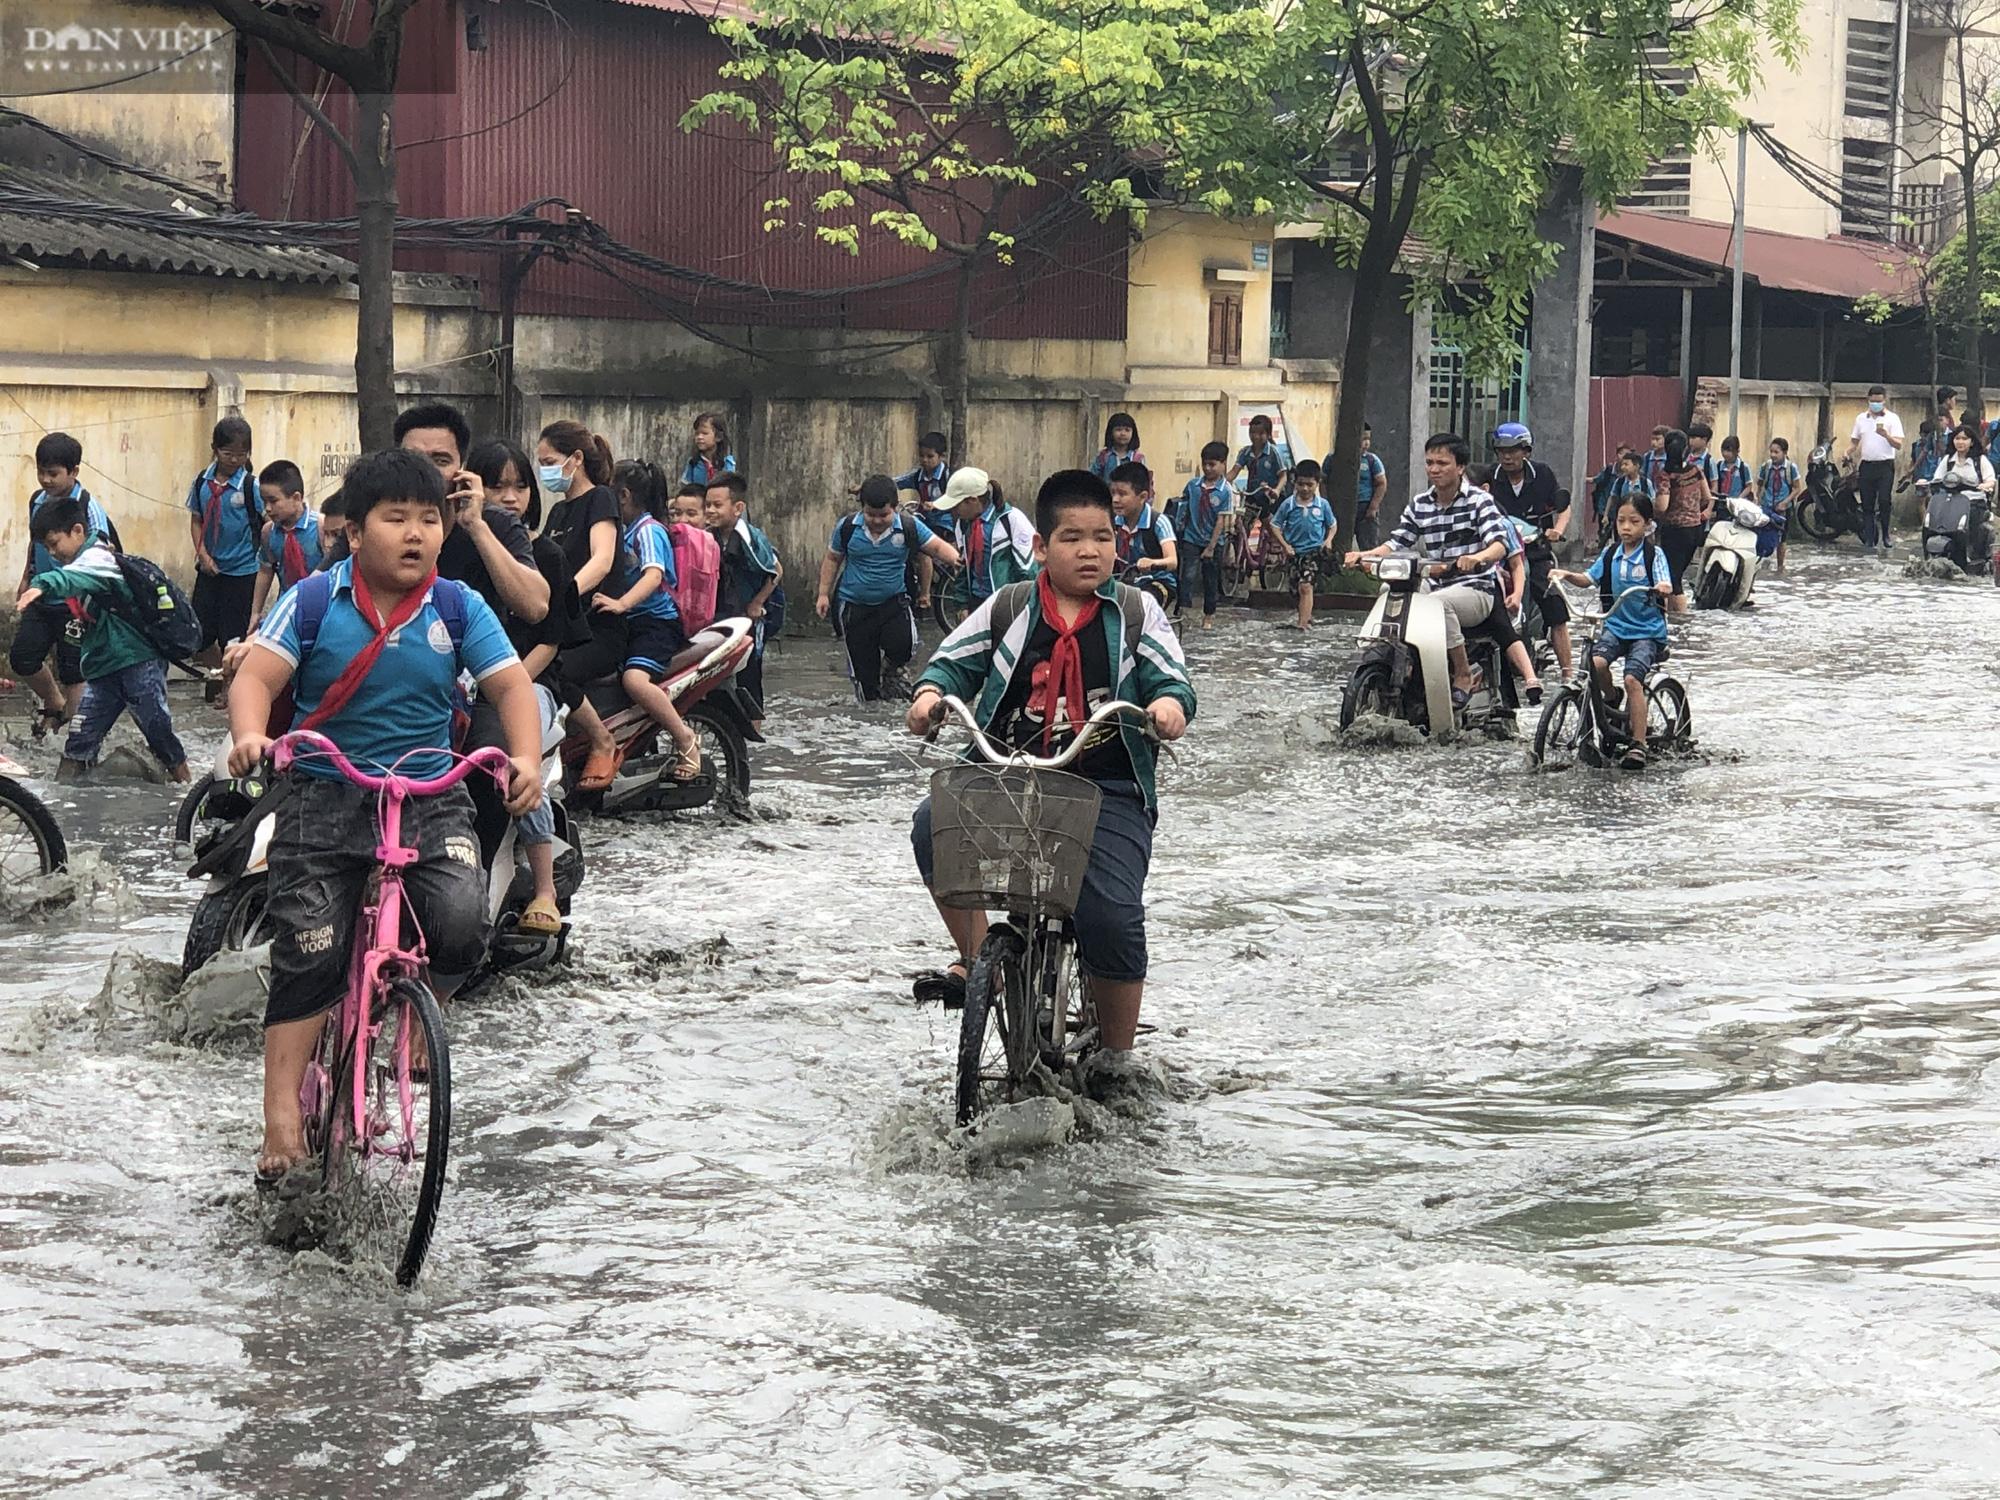 Bắc Ninh: Rùng mình chứng kiến cảnh học sinh chân trần lội nước bùn đen hôi thối ở làng giấy Phong Khê  - Ảnh 2.